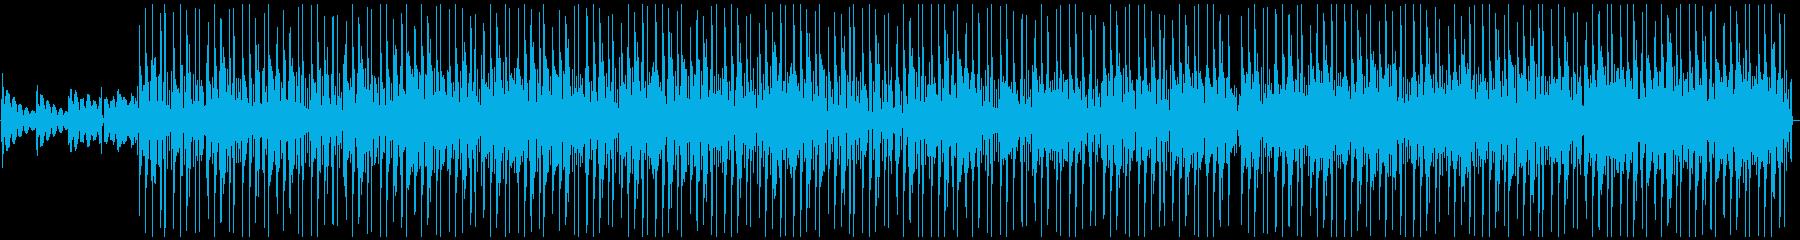 ウォームで優しい感じのビートミュージックの再生済みの波形